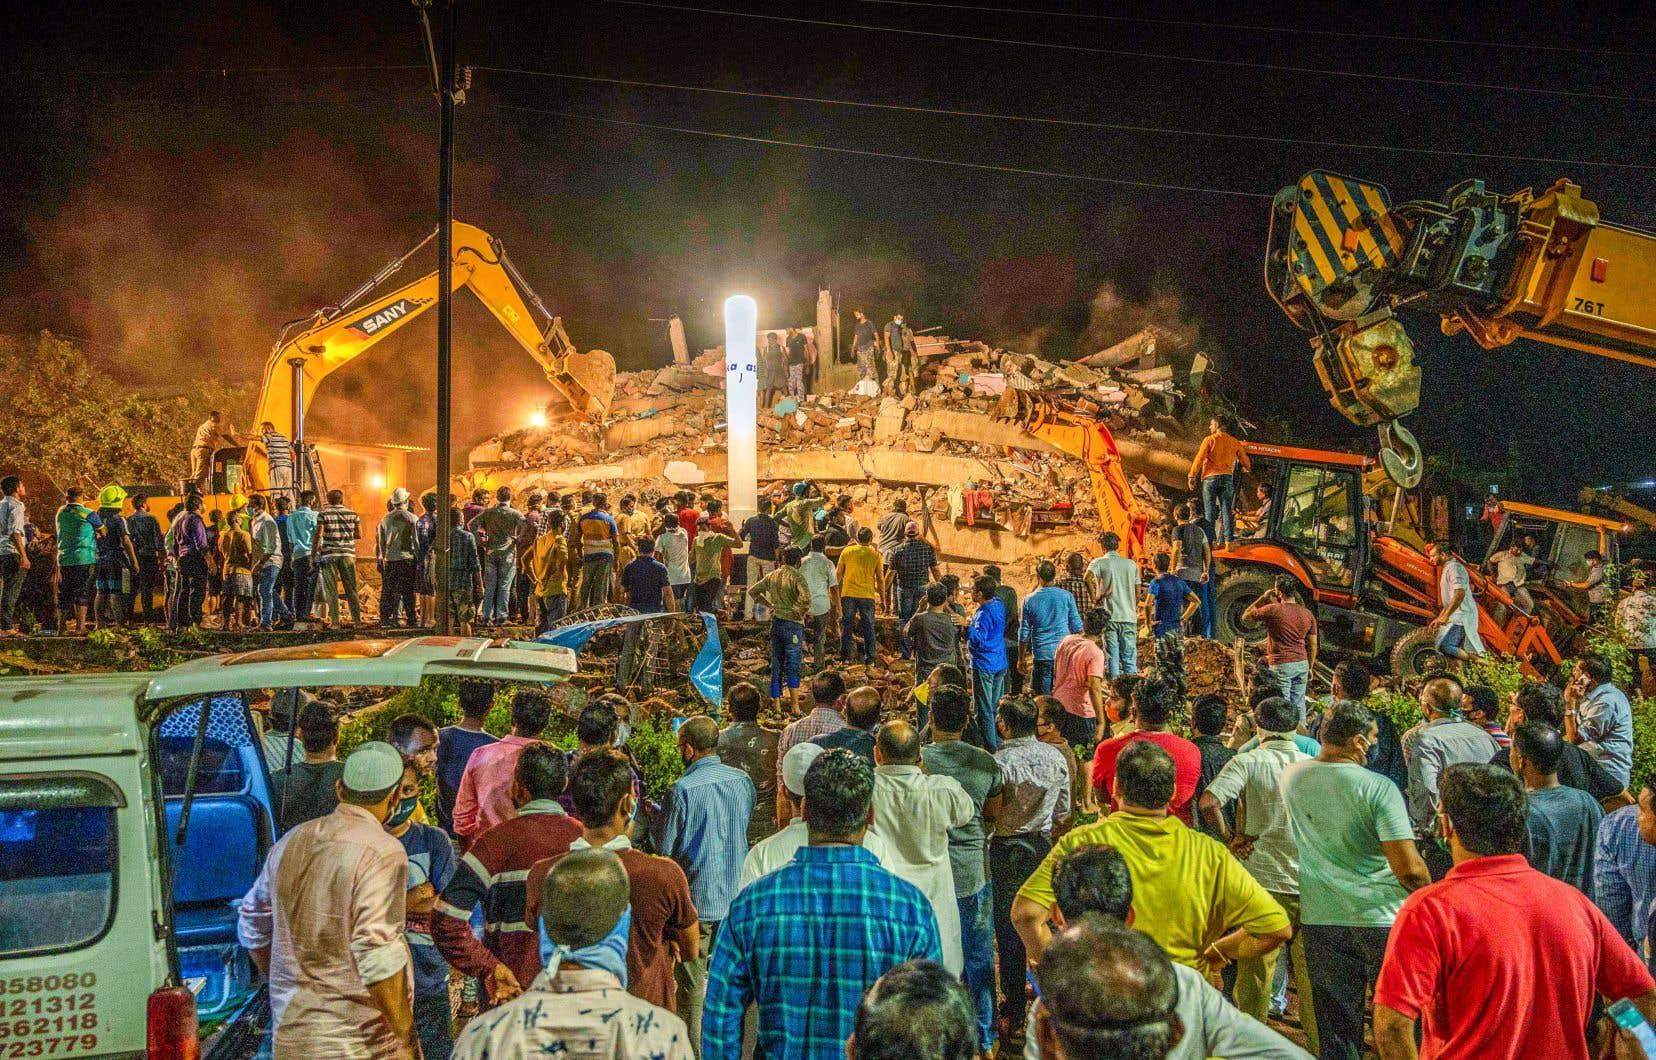 Des images de télévision ont montré des habitants et des policiers fouillant les décombres à la recherche de survivants.